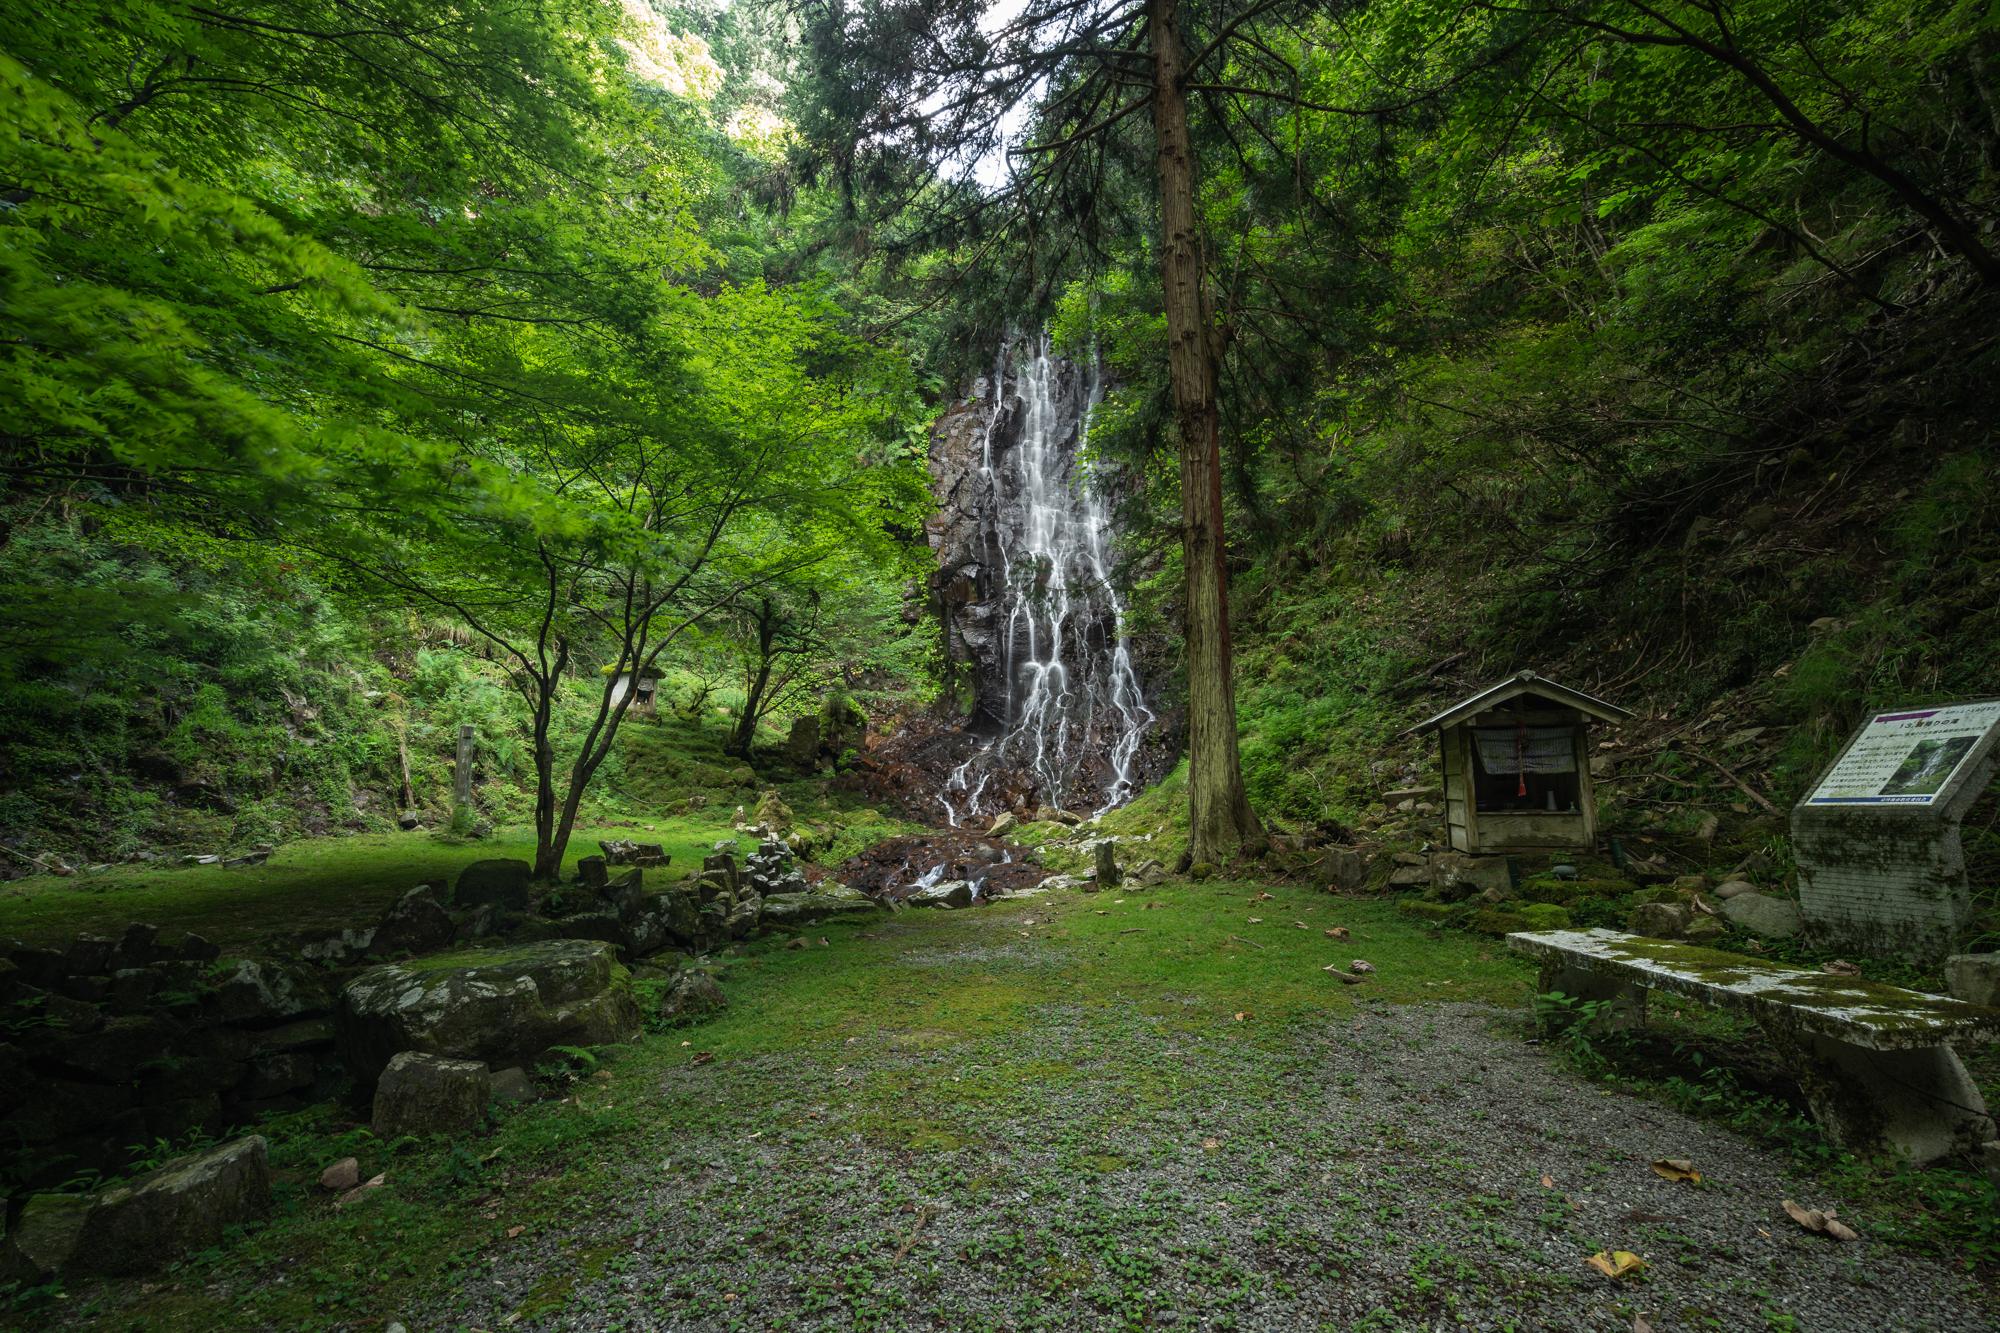 DSC01620 京都府    霧降りの滝 ( 京都の丹後半島観光におすすめ! 滝が観れる撮影スポット! アクセス・駐車場情報や撮影ポイントなど!!)